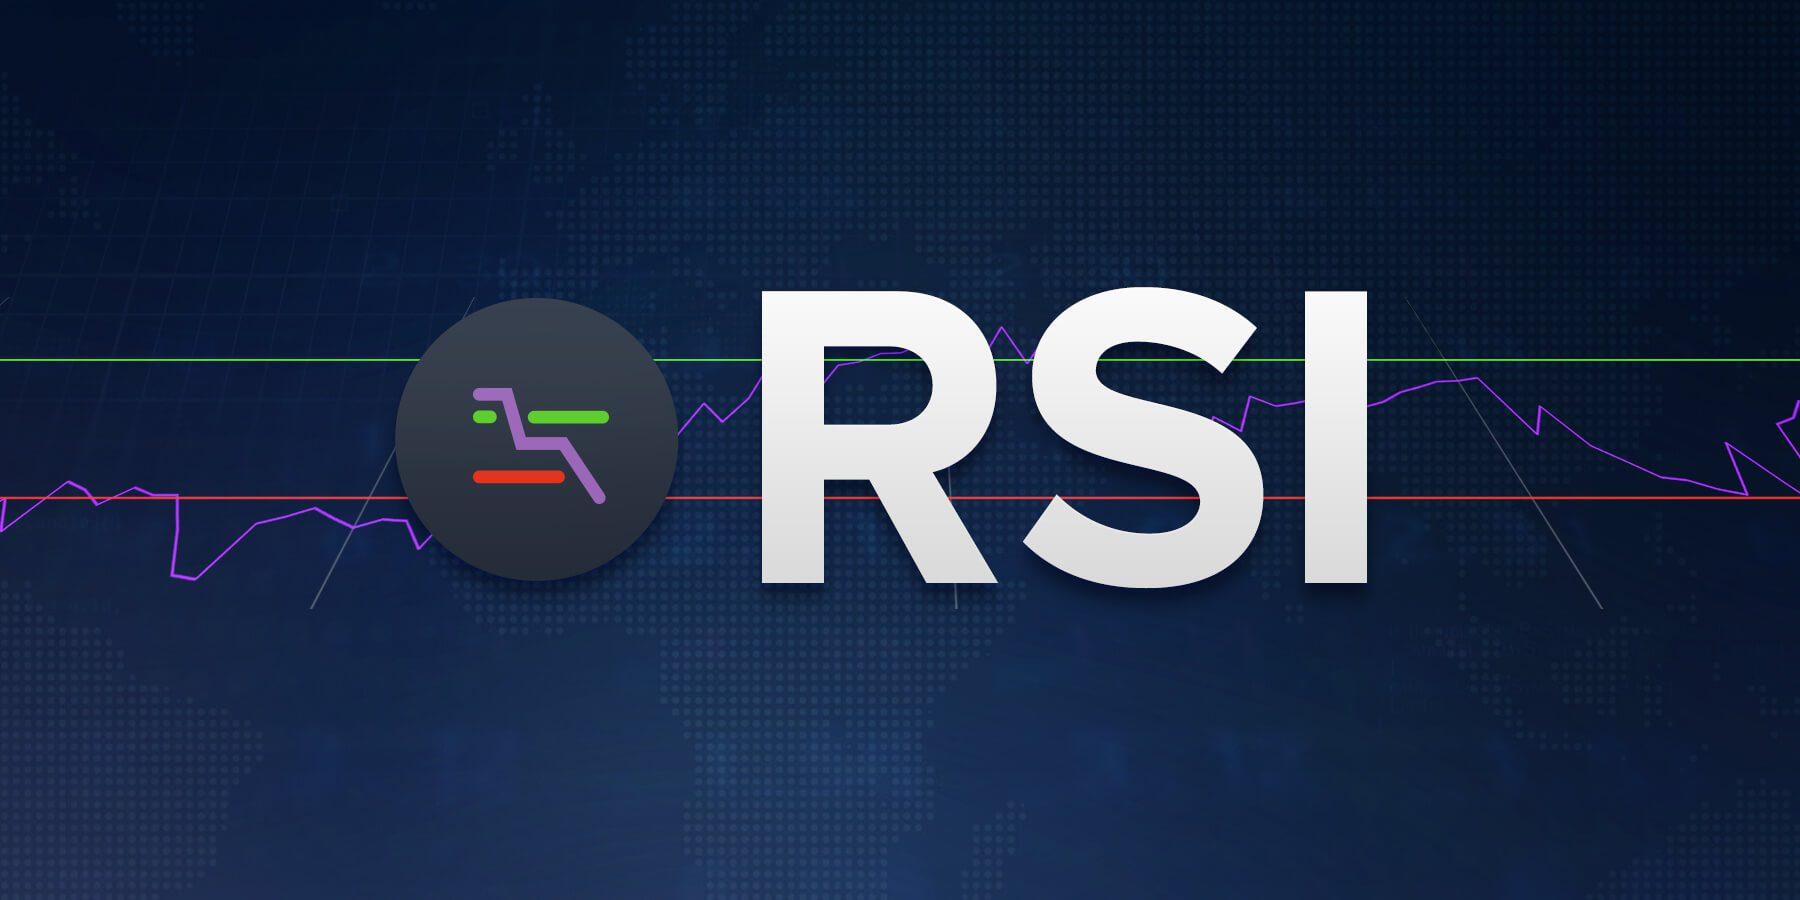 Giao dịch với chỉ báo RSI – Mẹo và thủ thuật